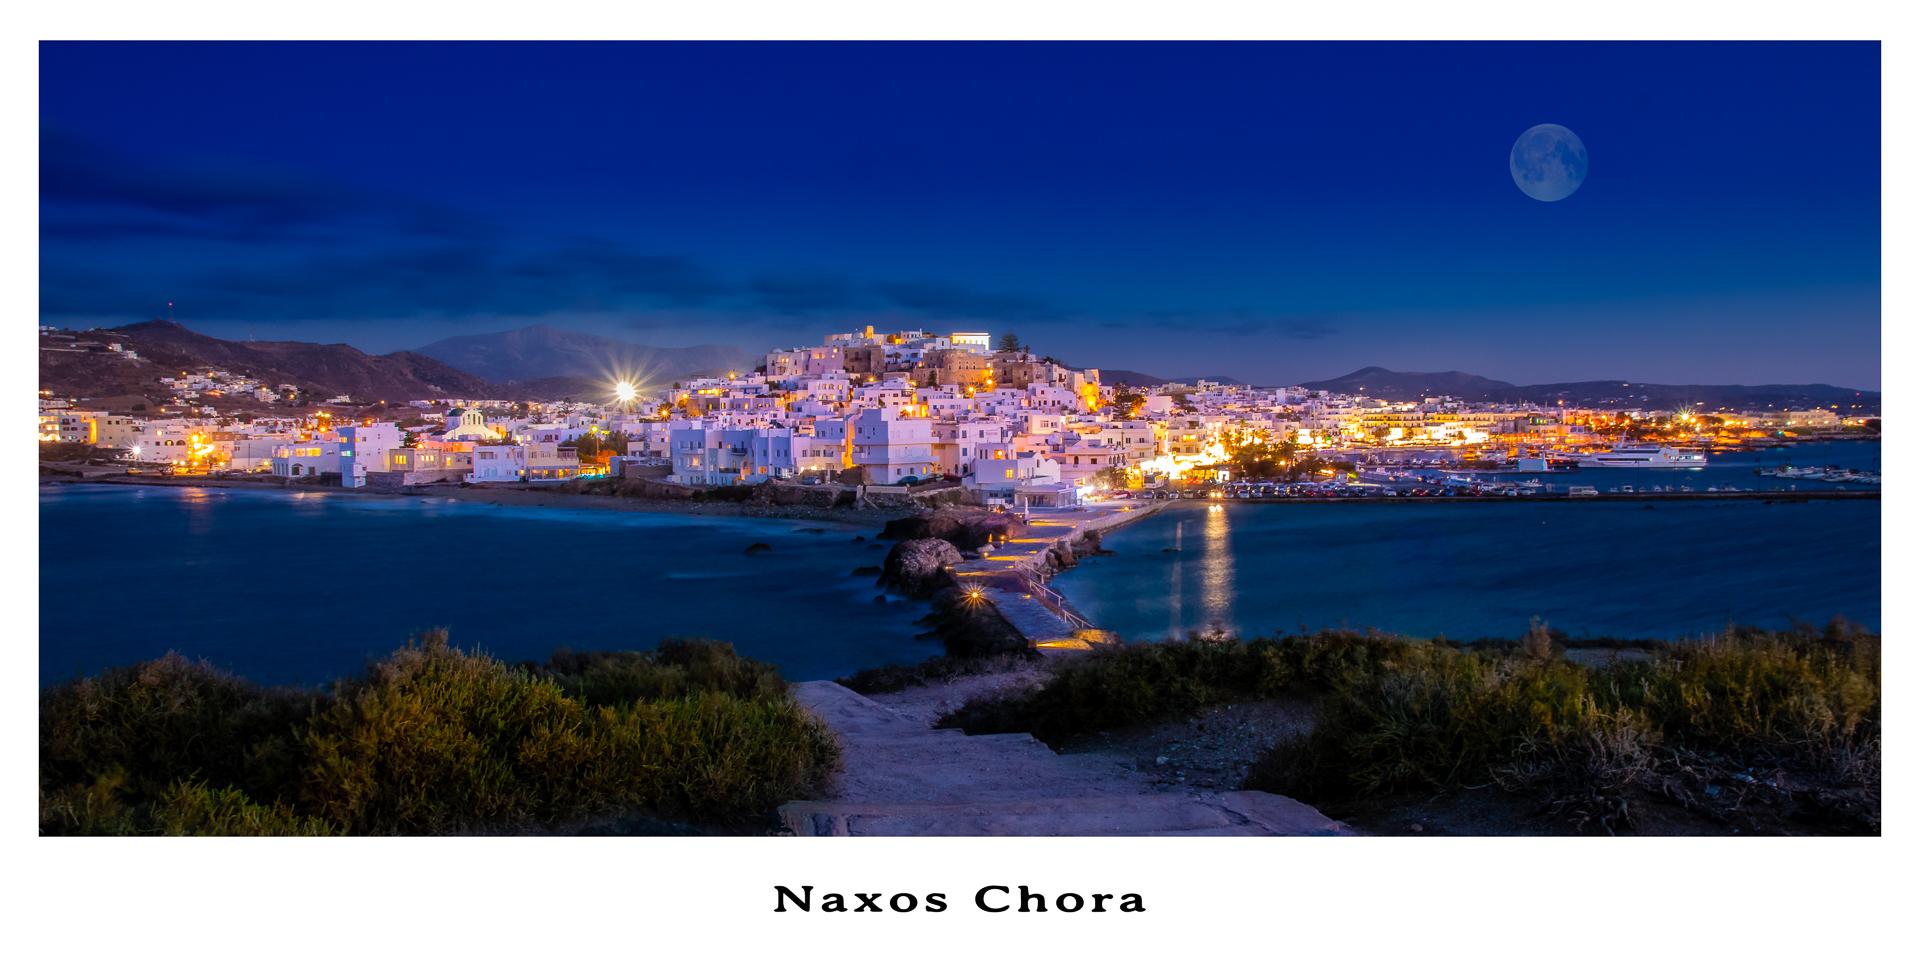 Naxos Stadt zur blauen Stunde